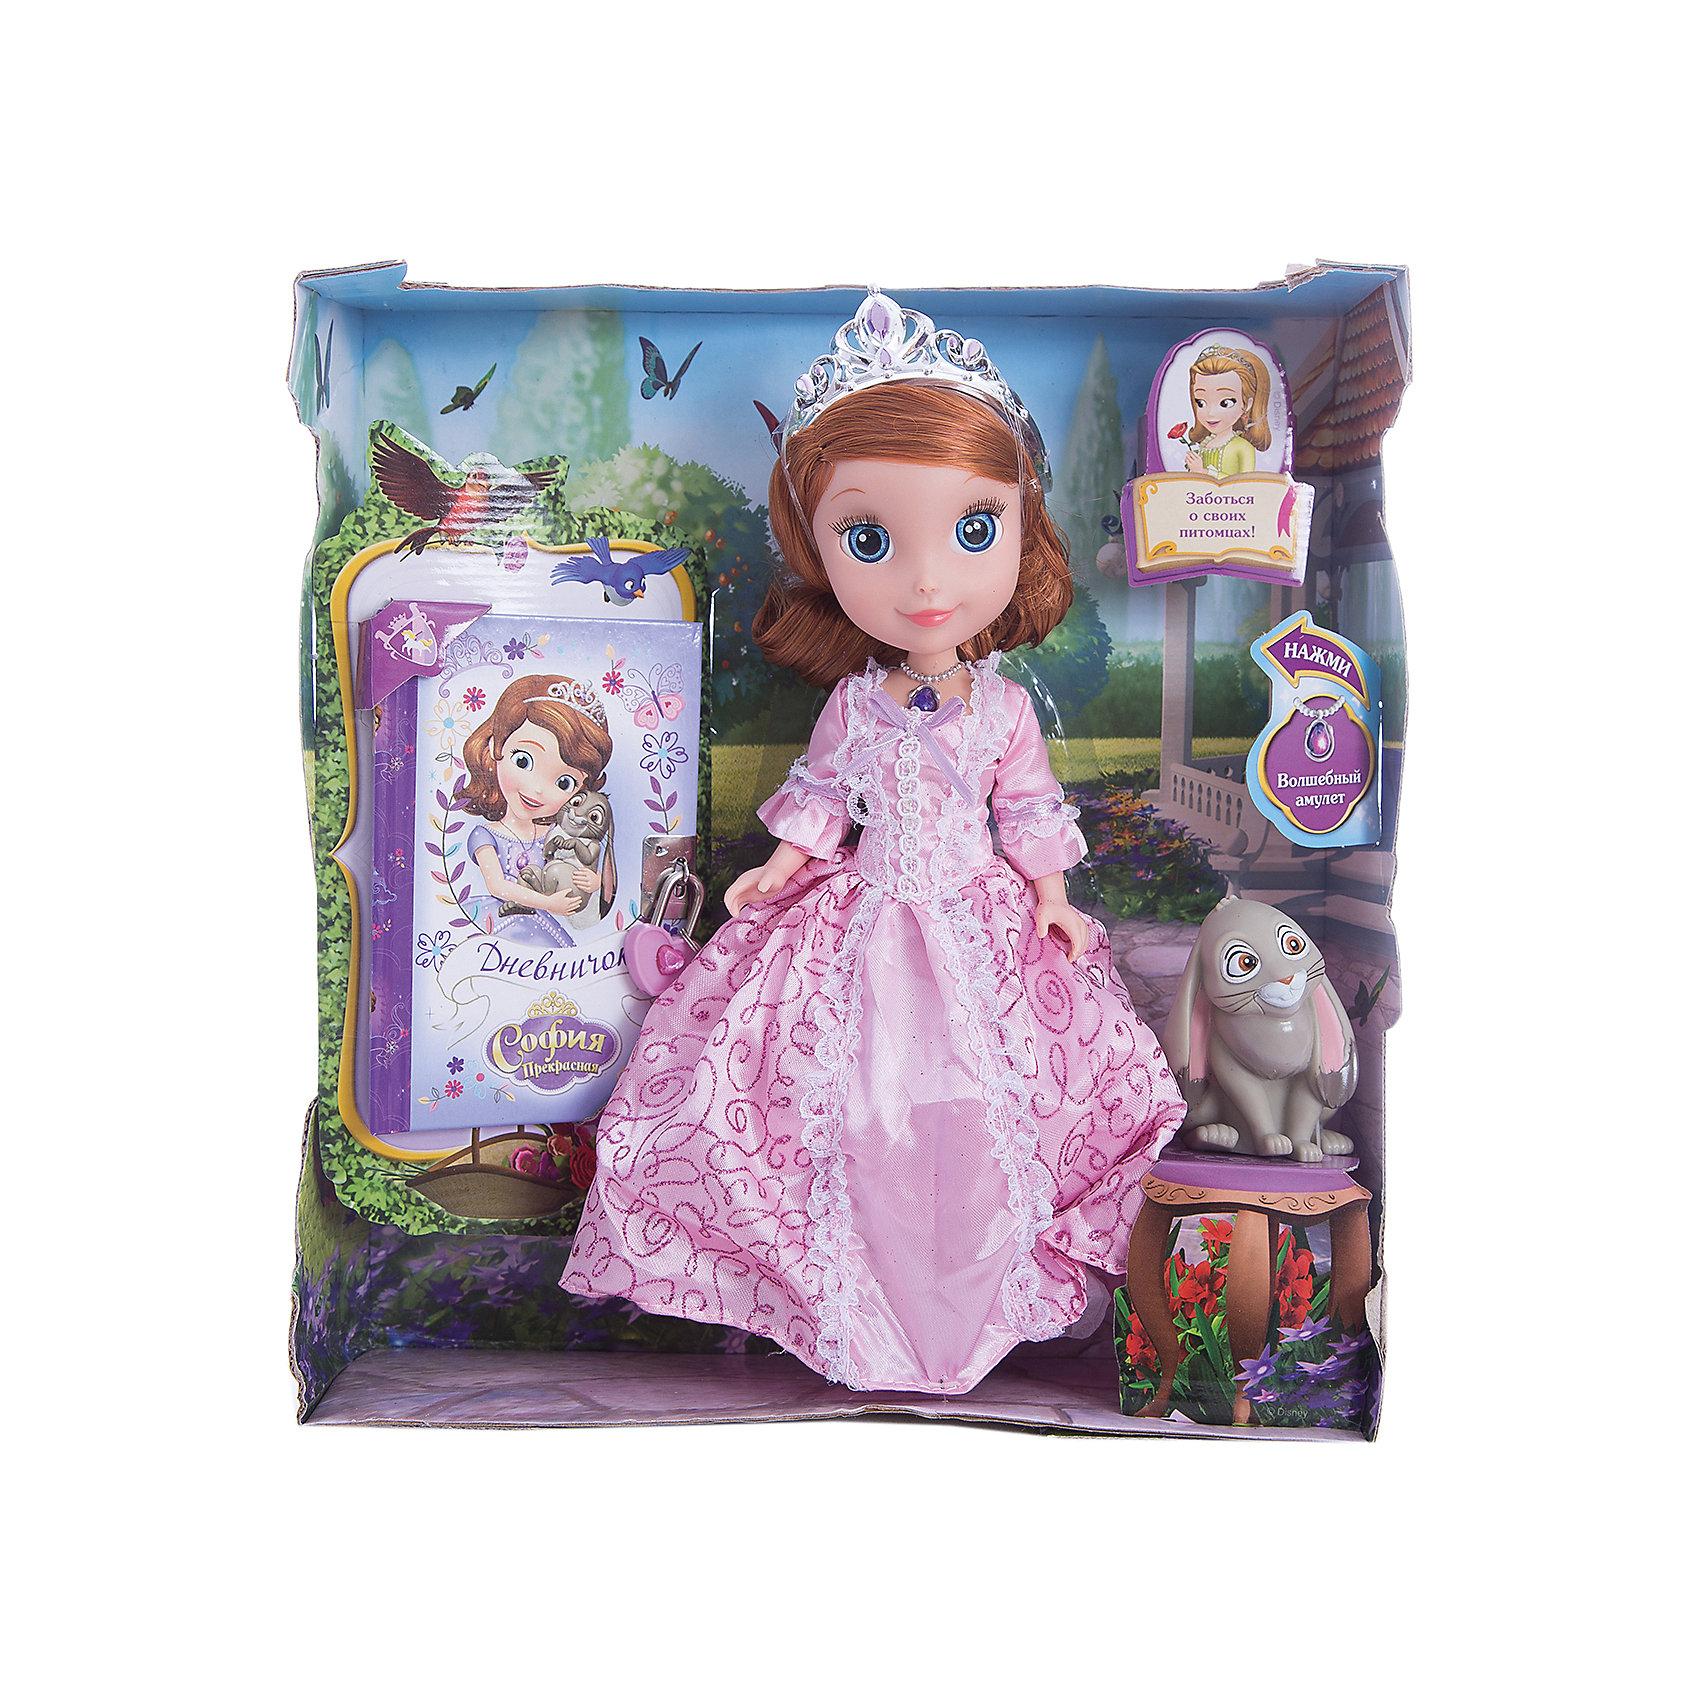 Кукла София, с кроликом и дневником, 25см, София Прекрасная, КарапузИгрушки<br>Очаровательная София и ее верный друг-кролик обязательно порадуют девочек. Куколка выглядит в точности, как персонаж из любимого мультфильма. Малышка одета в красивое платье с пышной юбкой, на голове у нее - изысканная тиара. Проигрывай полюбившиеся моменты из мультфильма или придумывай свои новые истории и записывай их в дневник. <br><br>Дополнительная информация:<br><br>- Материал: пластик, текстиль.<br>- Размер куклы: 25 см.<br>- Голова, руки, ноги куклы подвижные. <br>- Комплектация: кукла в одежде, аксессуары, кролик, дневник.<br><br>Куклу София, с кроликом и дневником, 25см, София Прекрасная, Карапуз, можно купить в нашем магазине.<br><br>Ширина мм: 270<br>Глубина мм: 300<br>Высота мм: 90<br>Вес г: 630<br>Возраст от месяцев: 36<br>Возраст до месяцев: 120<br>Пол: Женский<br>Возраст: Детский<br>SKU: 4310816